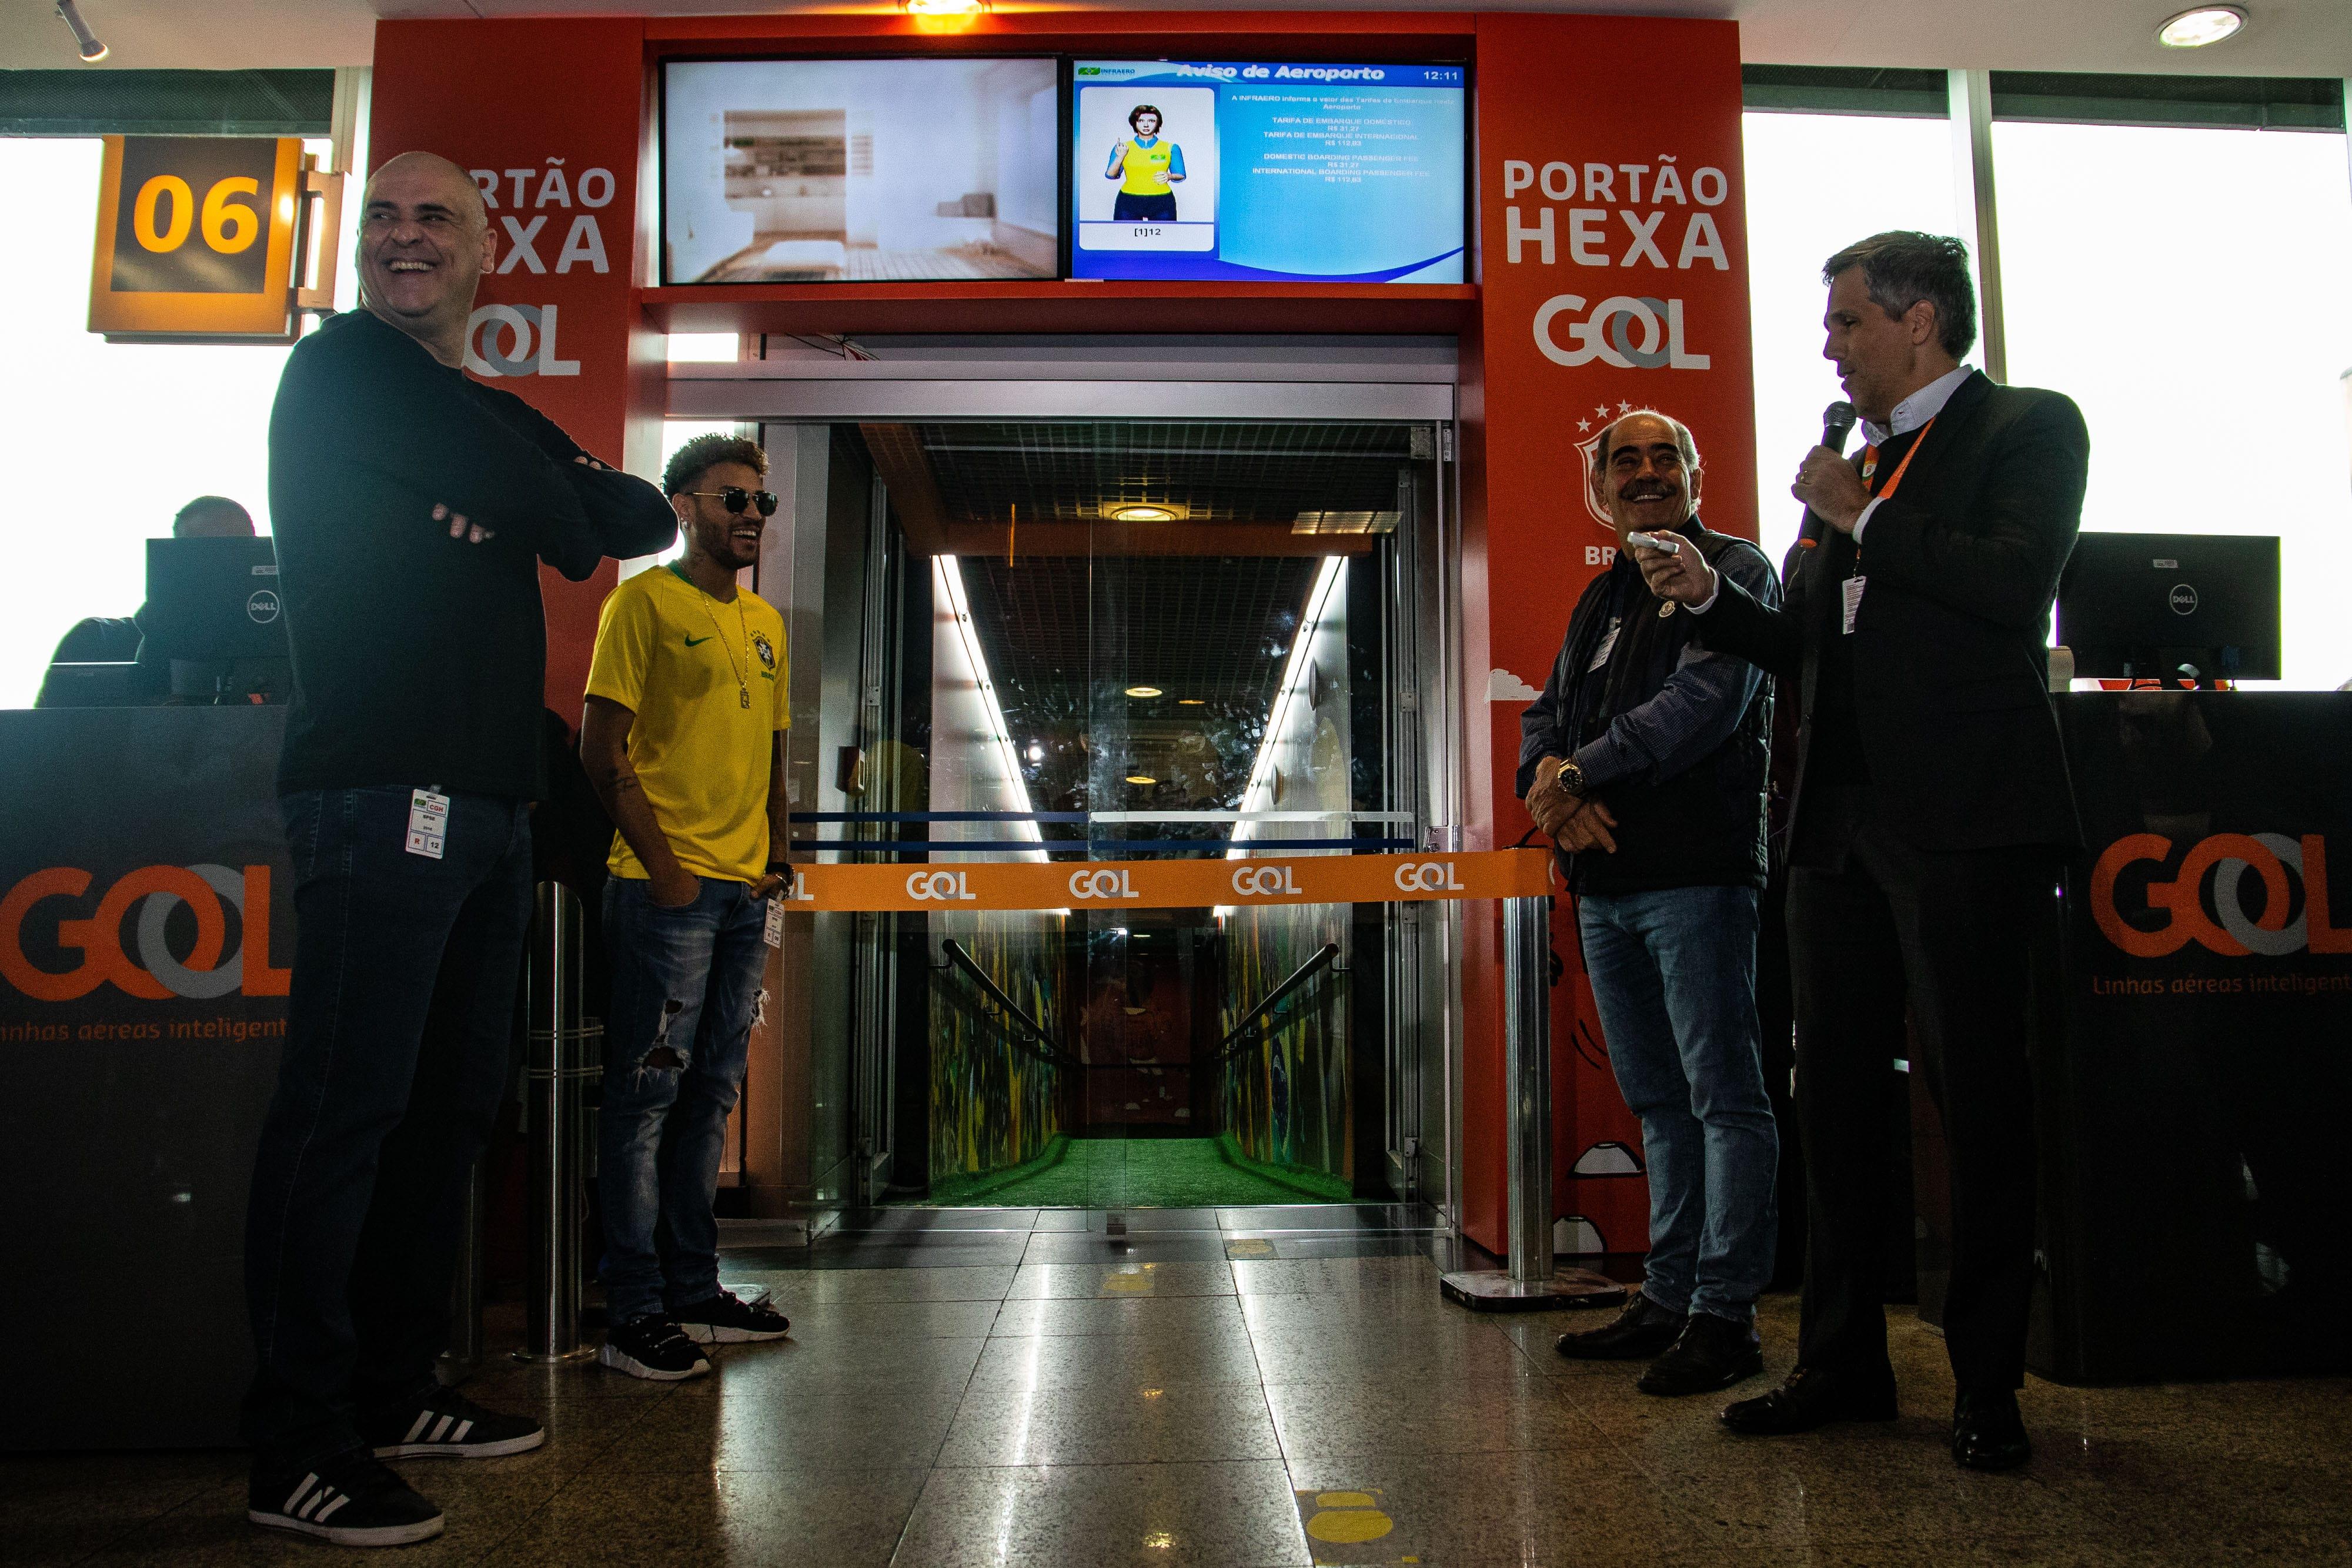 O presidente da Gol, Paulo Kakinoff (à dir.), fala durante inauguração do Portão Hexa em Congonhas. Os campeões do mundo Marcos (à esq.) e Rivelino também participaram, além de um sósia de Neymar